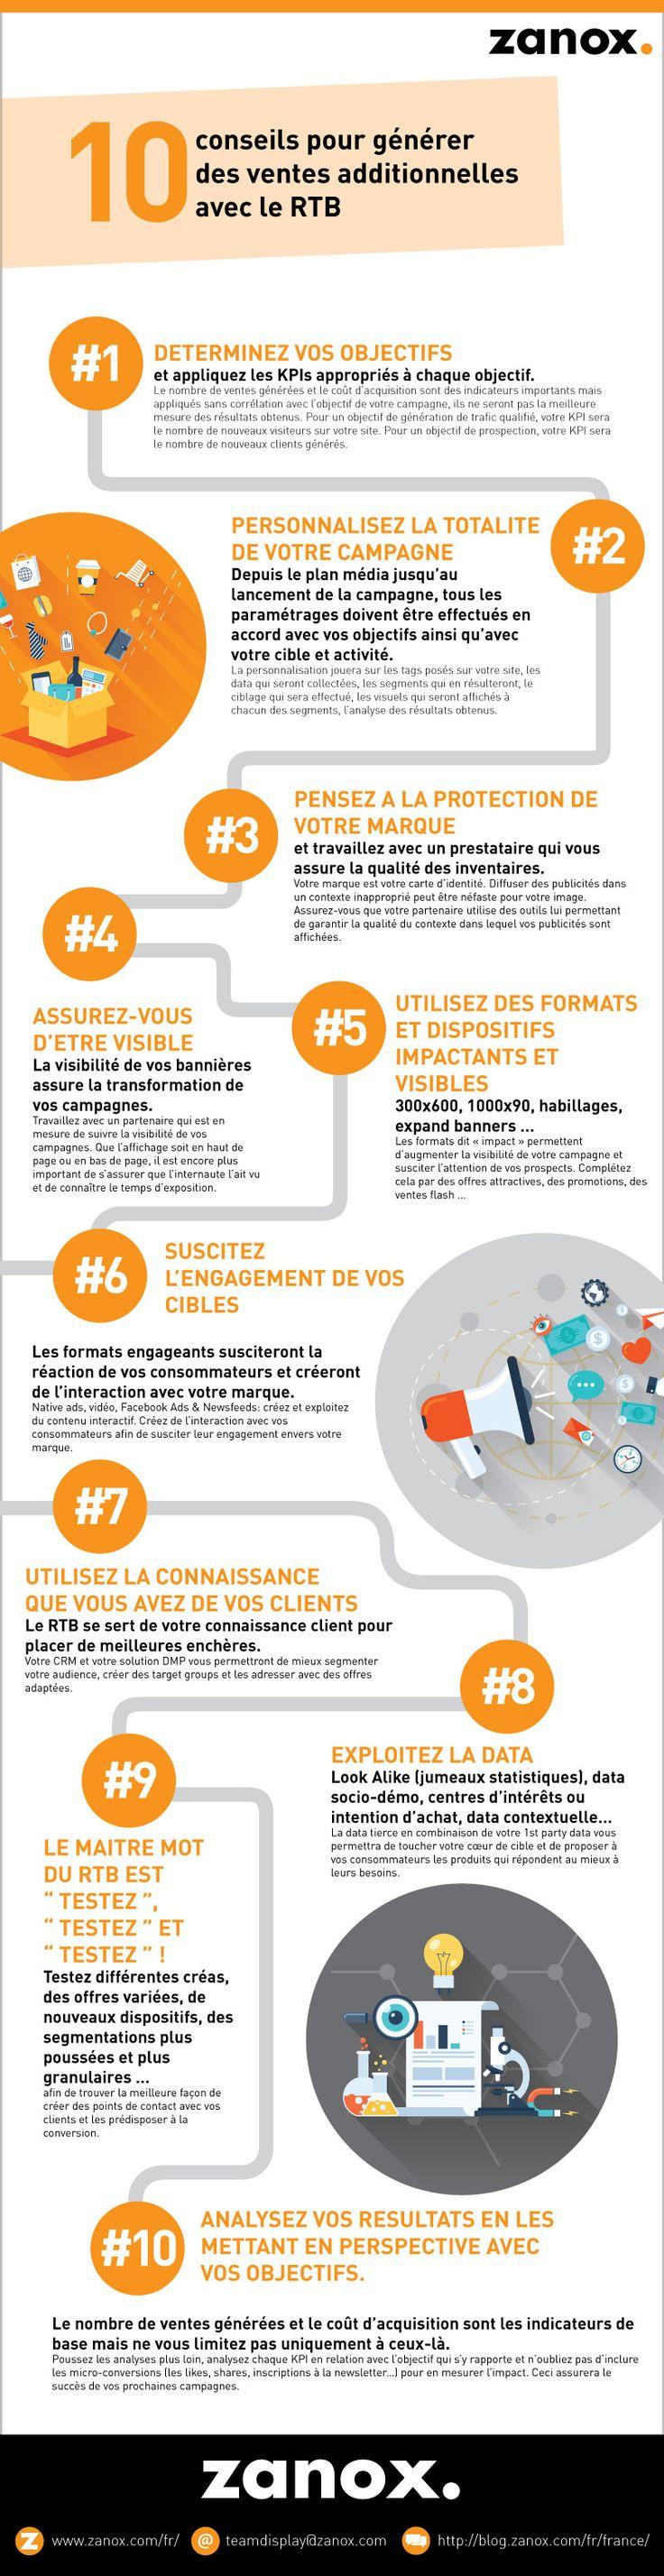 Infographie ZANOX : 10 conseils pour générer des ventes additionnelles grâce au RTB